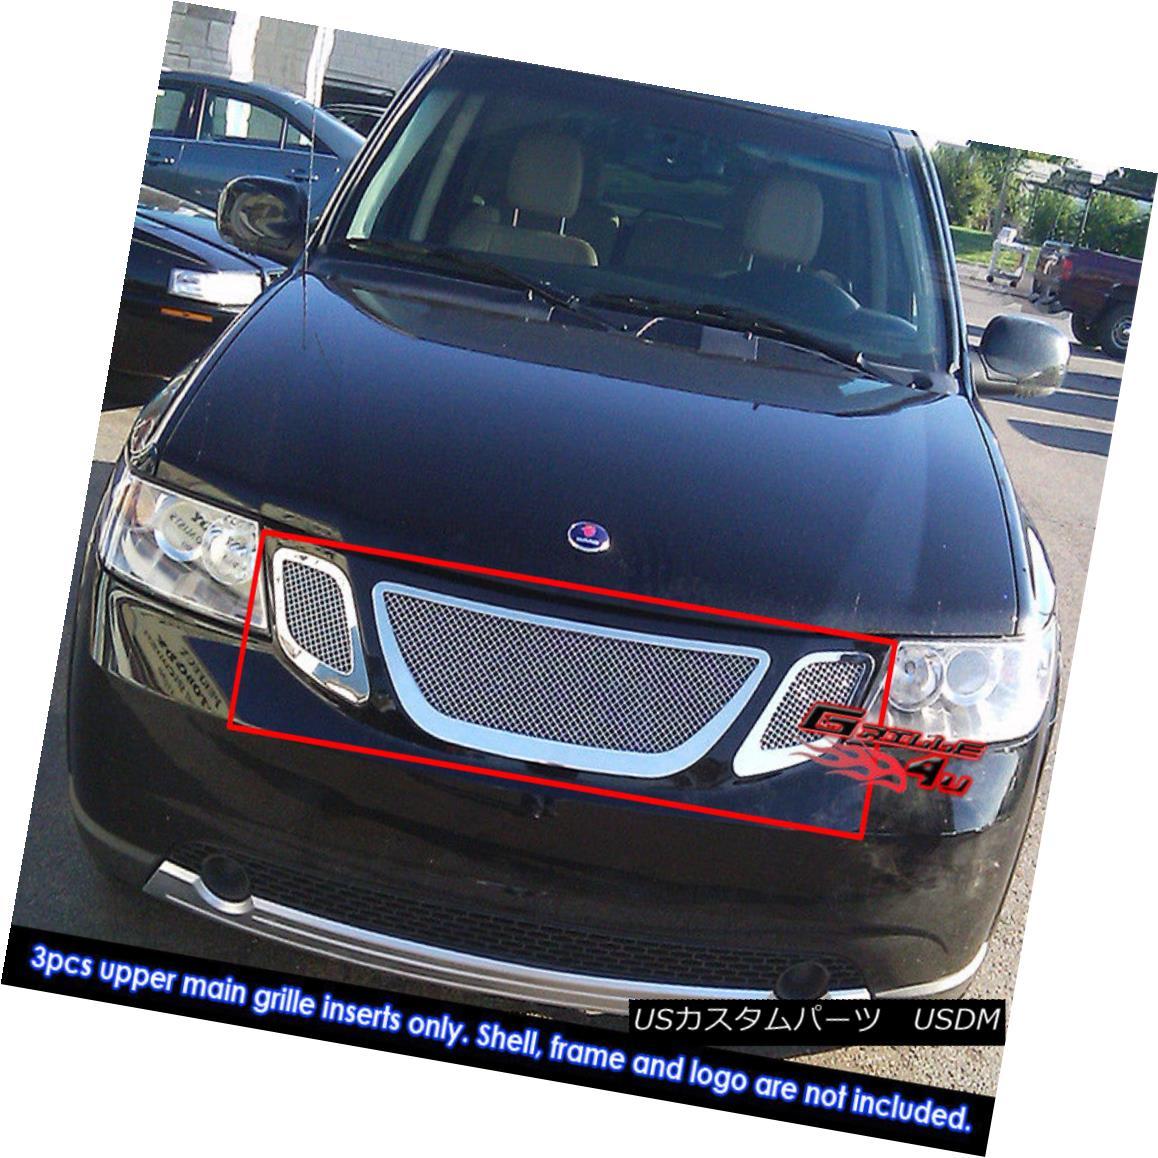 グリル Fits 07-10 Saab 9-7X Stainless Steel Mesh Grille Insert 07-10 Saab 9-7Xステンレスメッシュグリルインサートにフィット